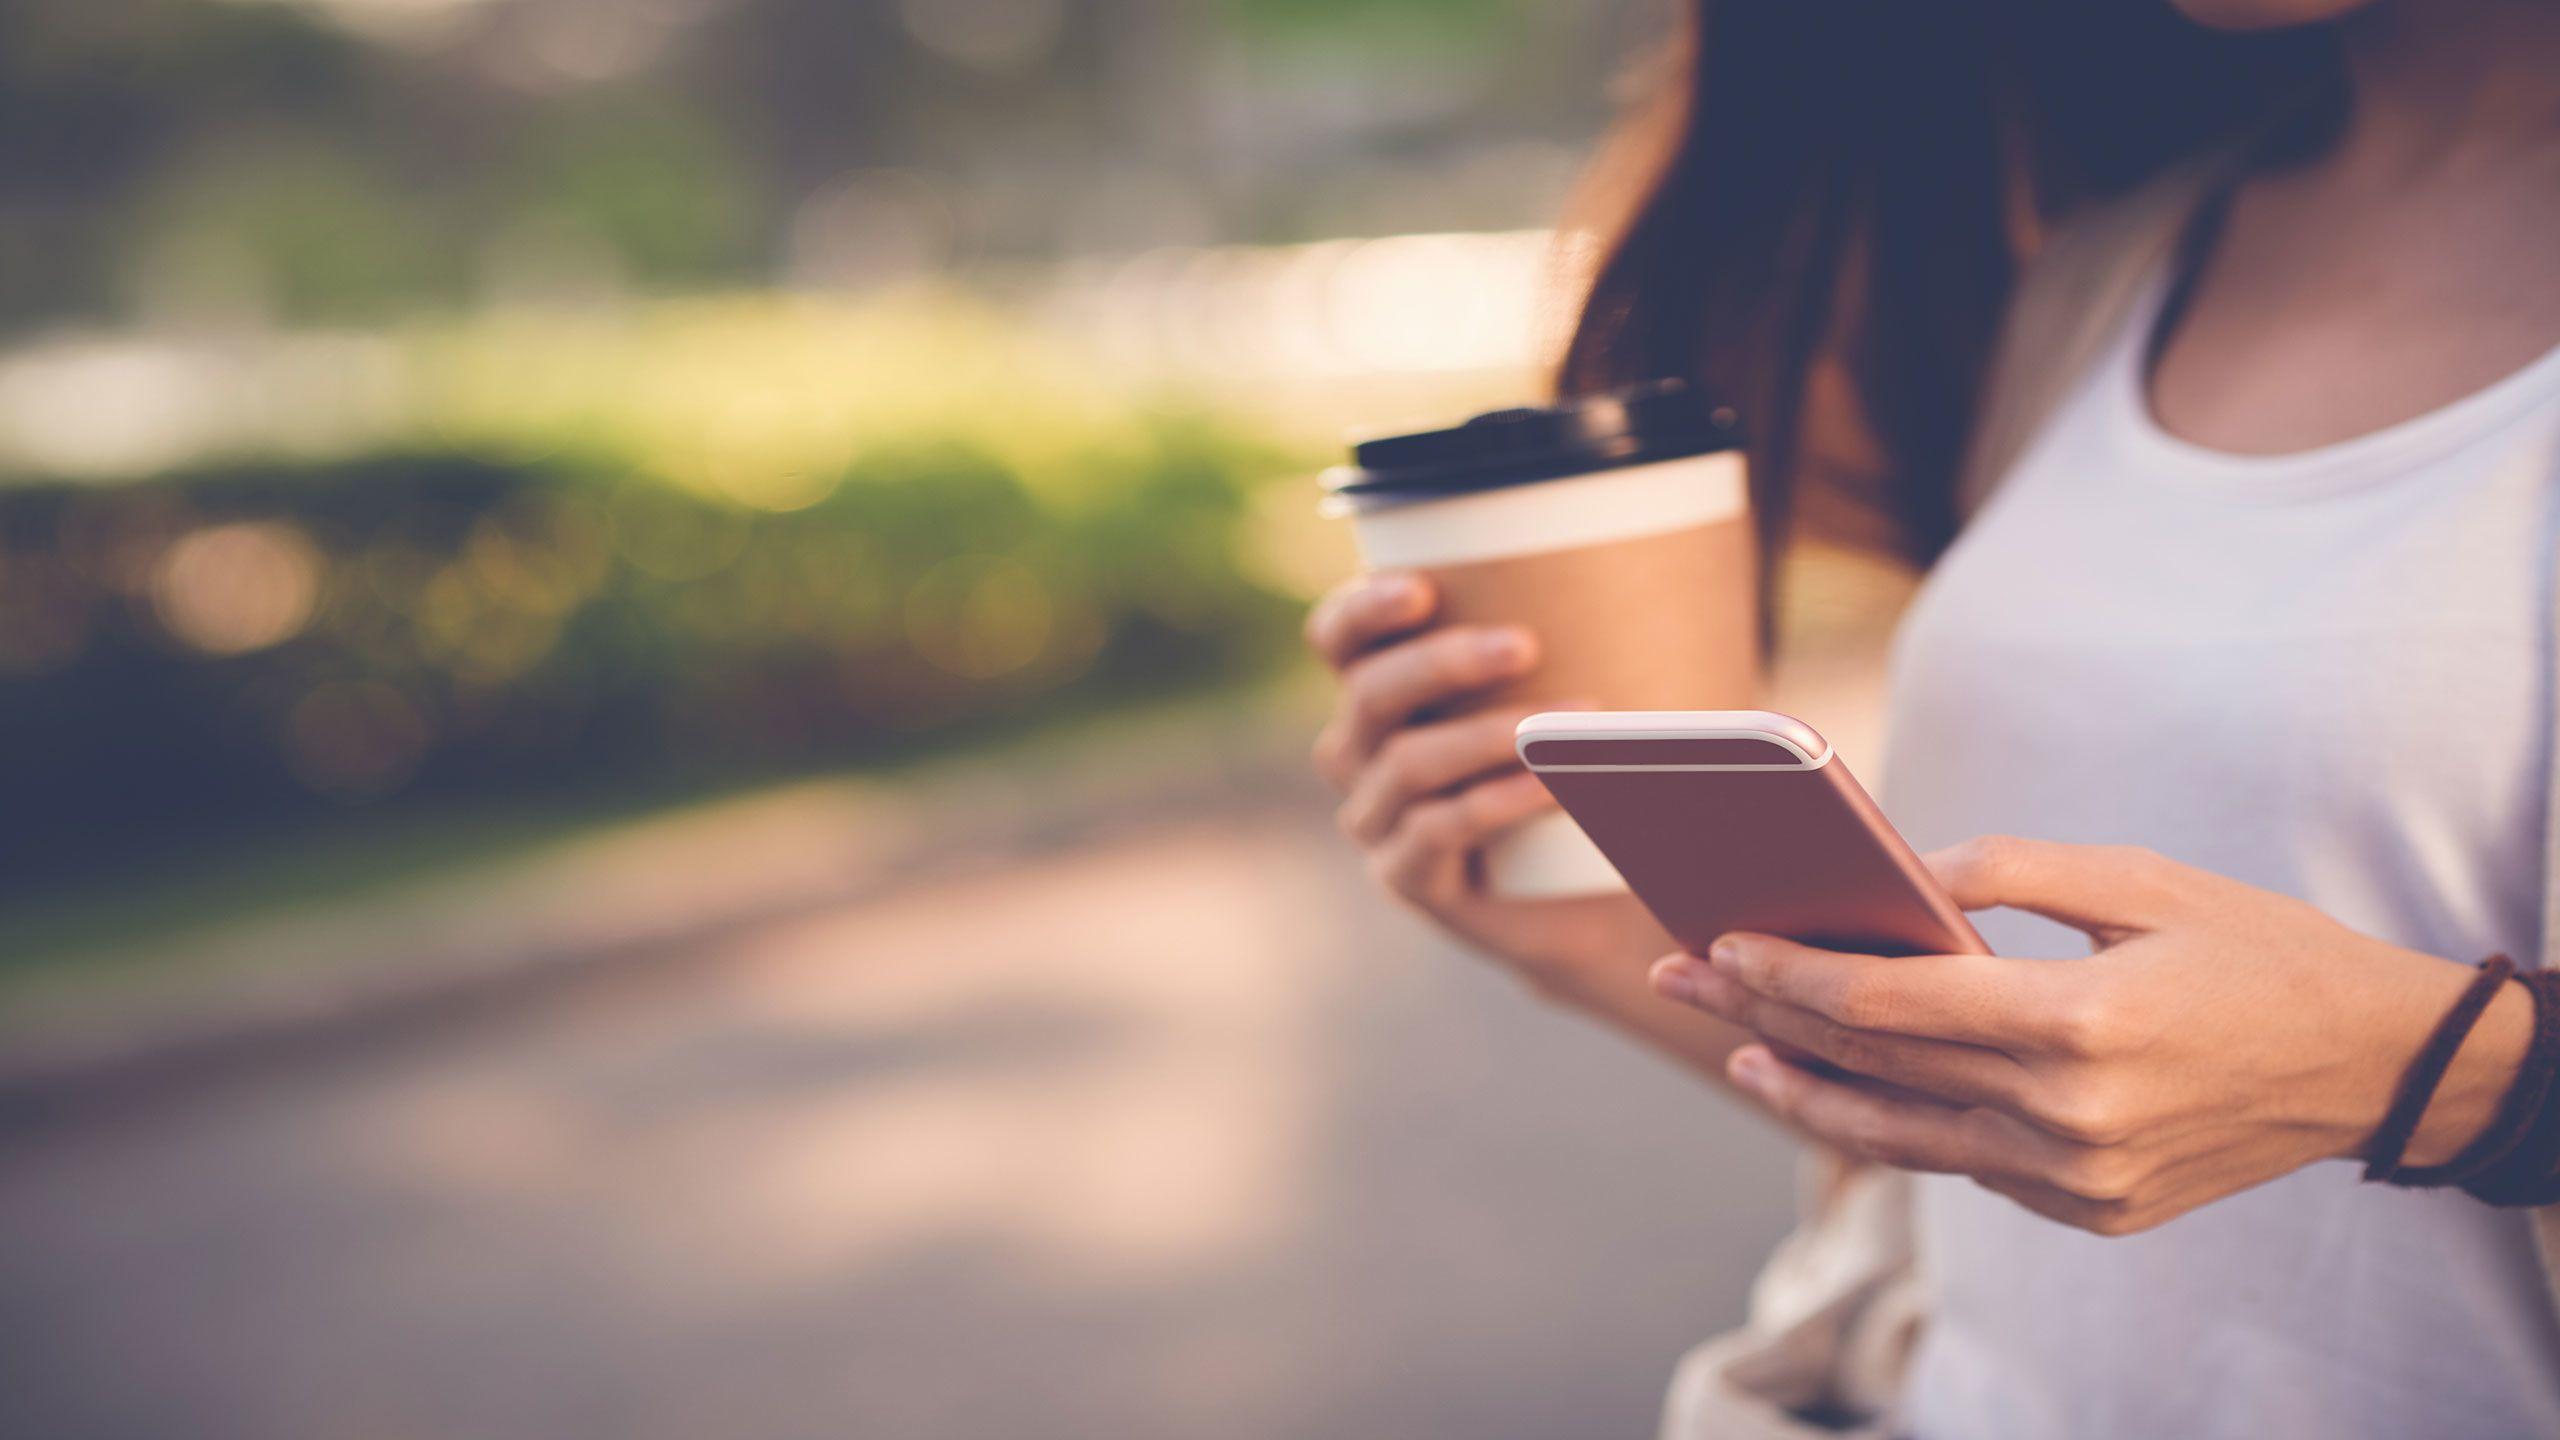 5 Surprising Ways to Quit Smoking